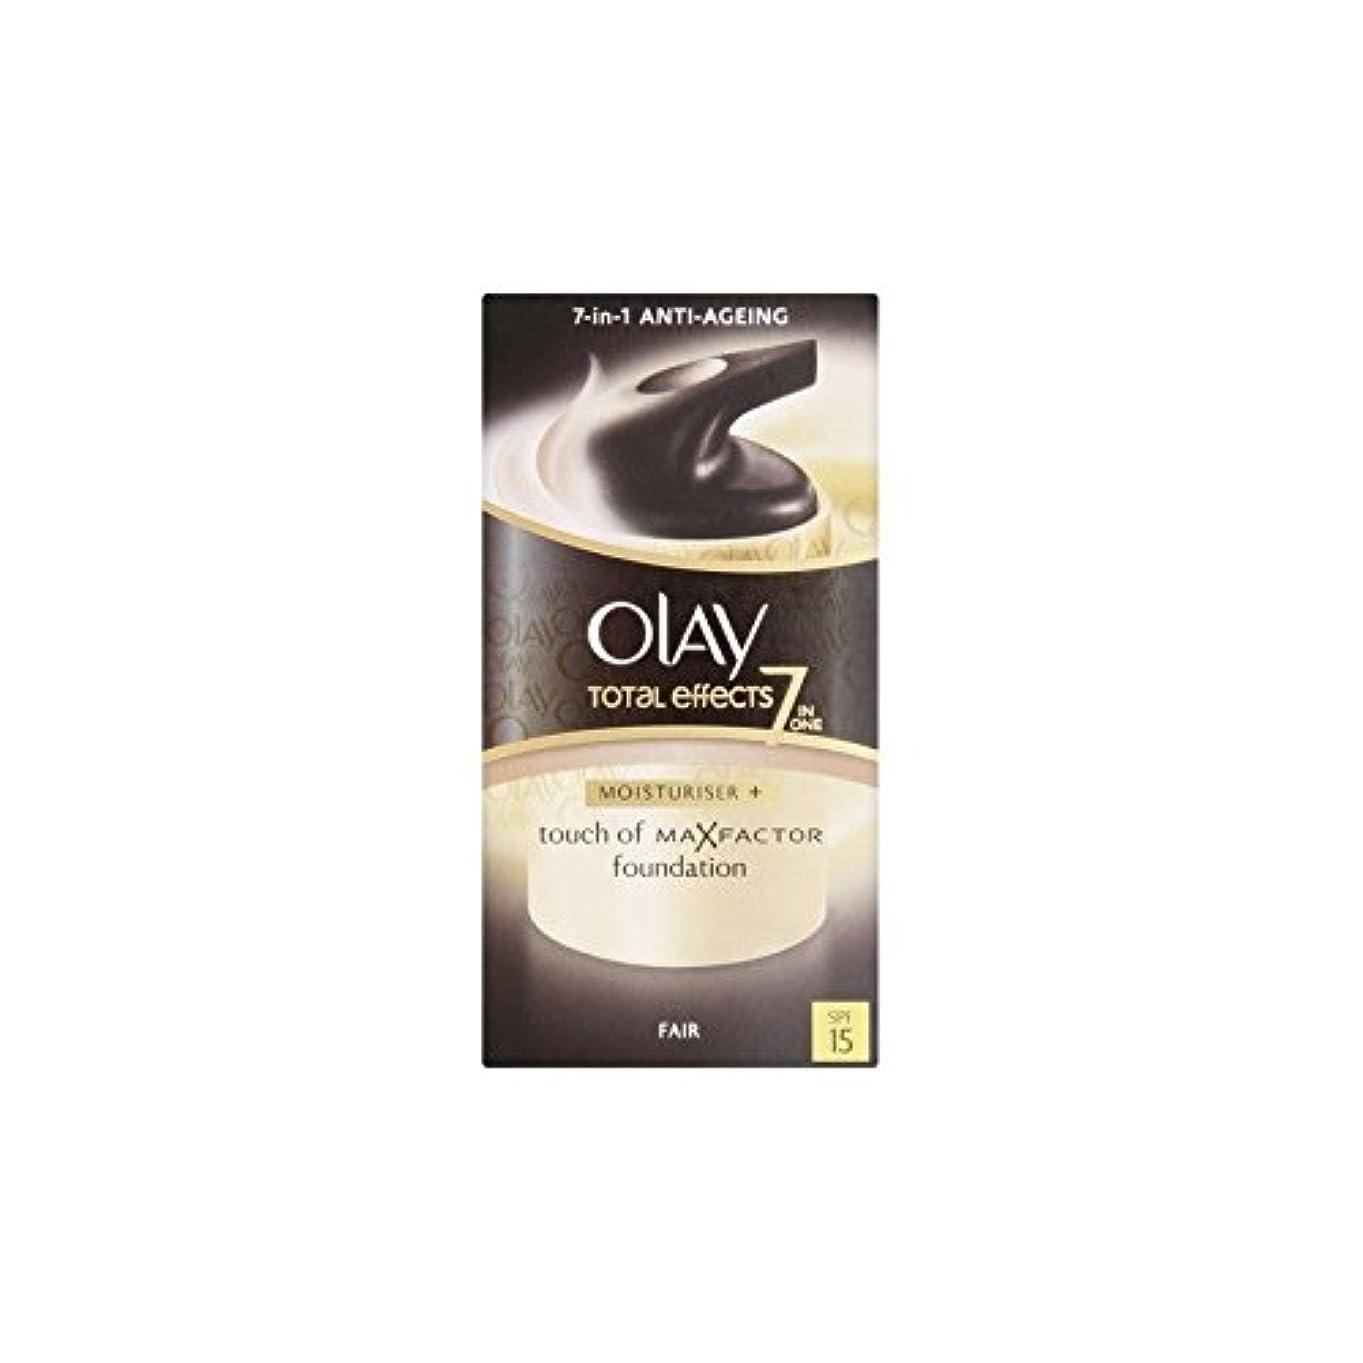 フィールド人事最悪Olay Total Effects Moisturiser Bb Cream Spf15 - Fair (50ml) (Pack of 6) - オーレイトータルエフェクト保湿クリーム15 - フェア(50ミリリットル...